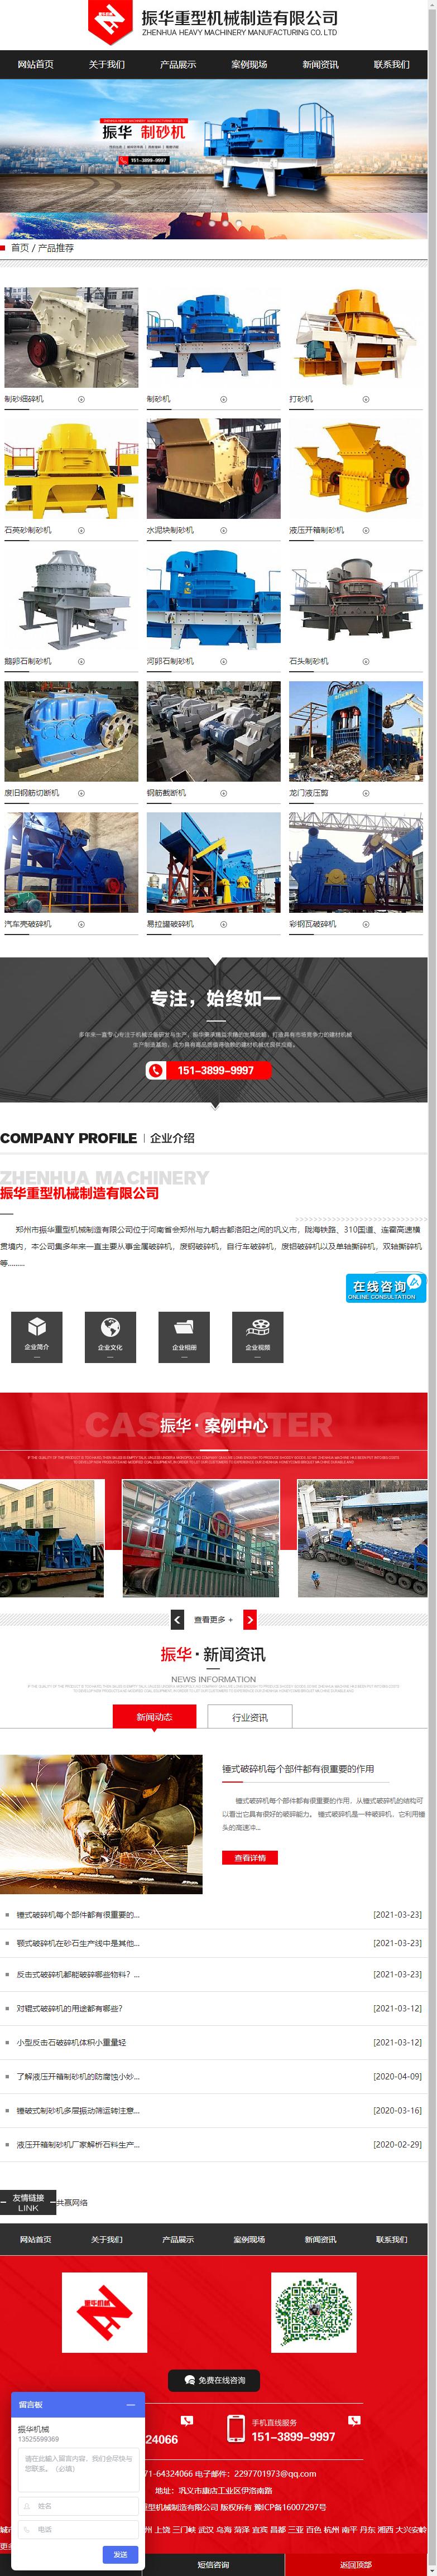 郑州市振华重型机械制造有限公司网站案例